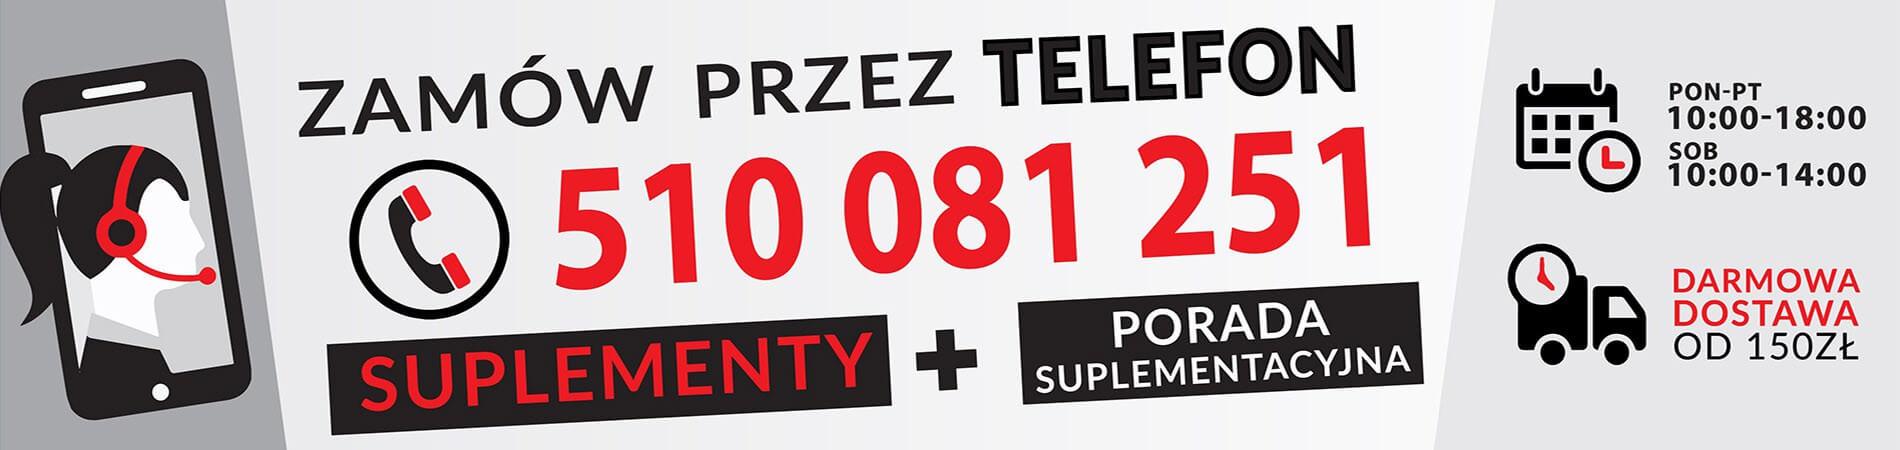 Zamów suplementy przez Telefon